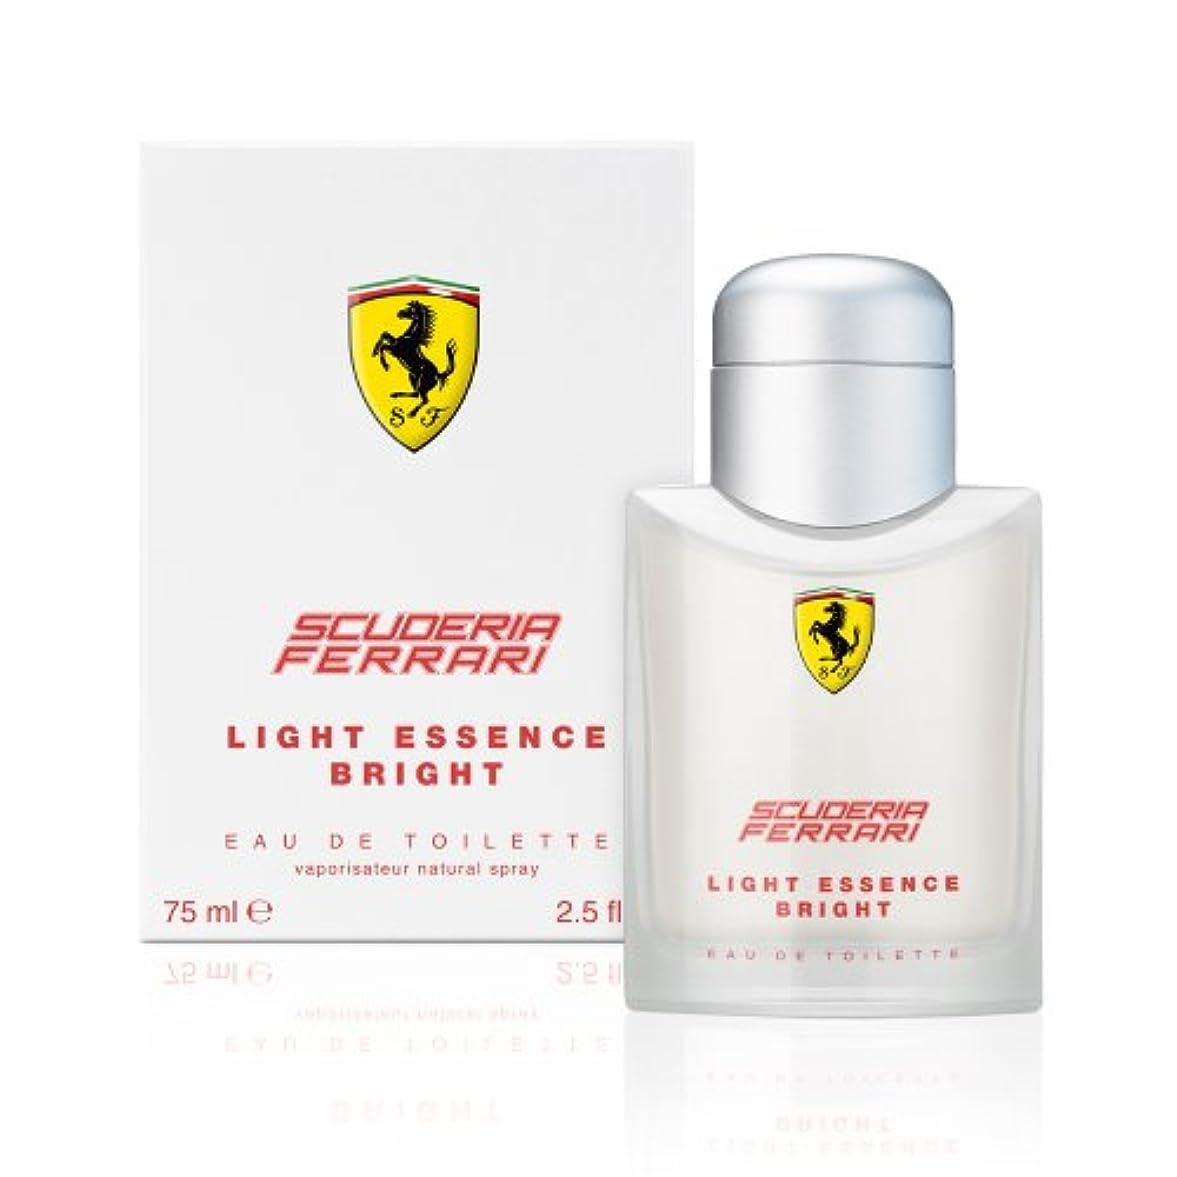 フェラーリ ライトエッセンス ブライト オードトワレ 75mL